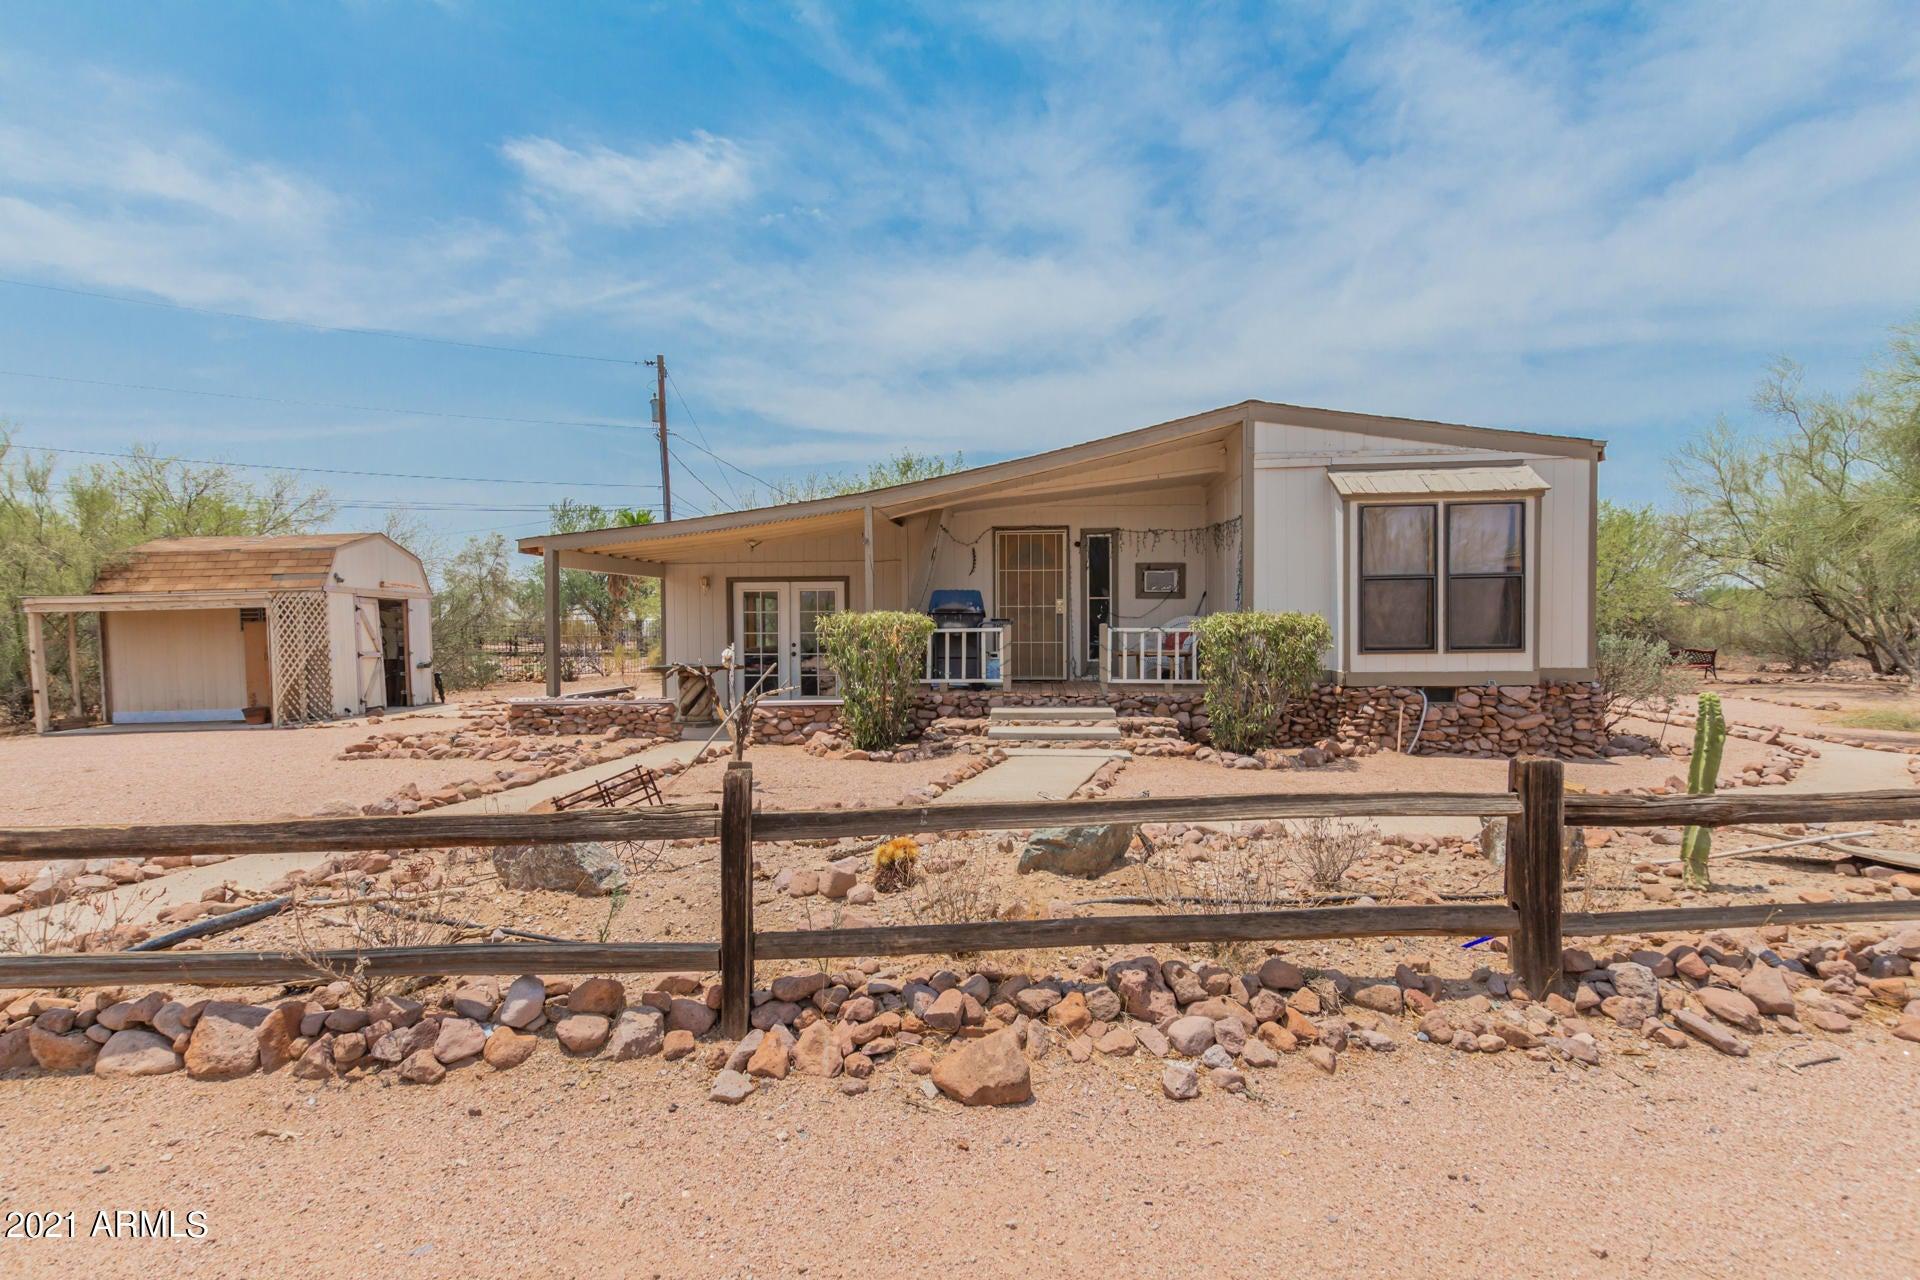 2060 S VAL VISTA Road, Apache Junction, AZ 85119